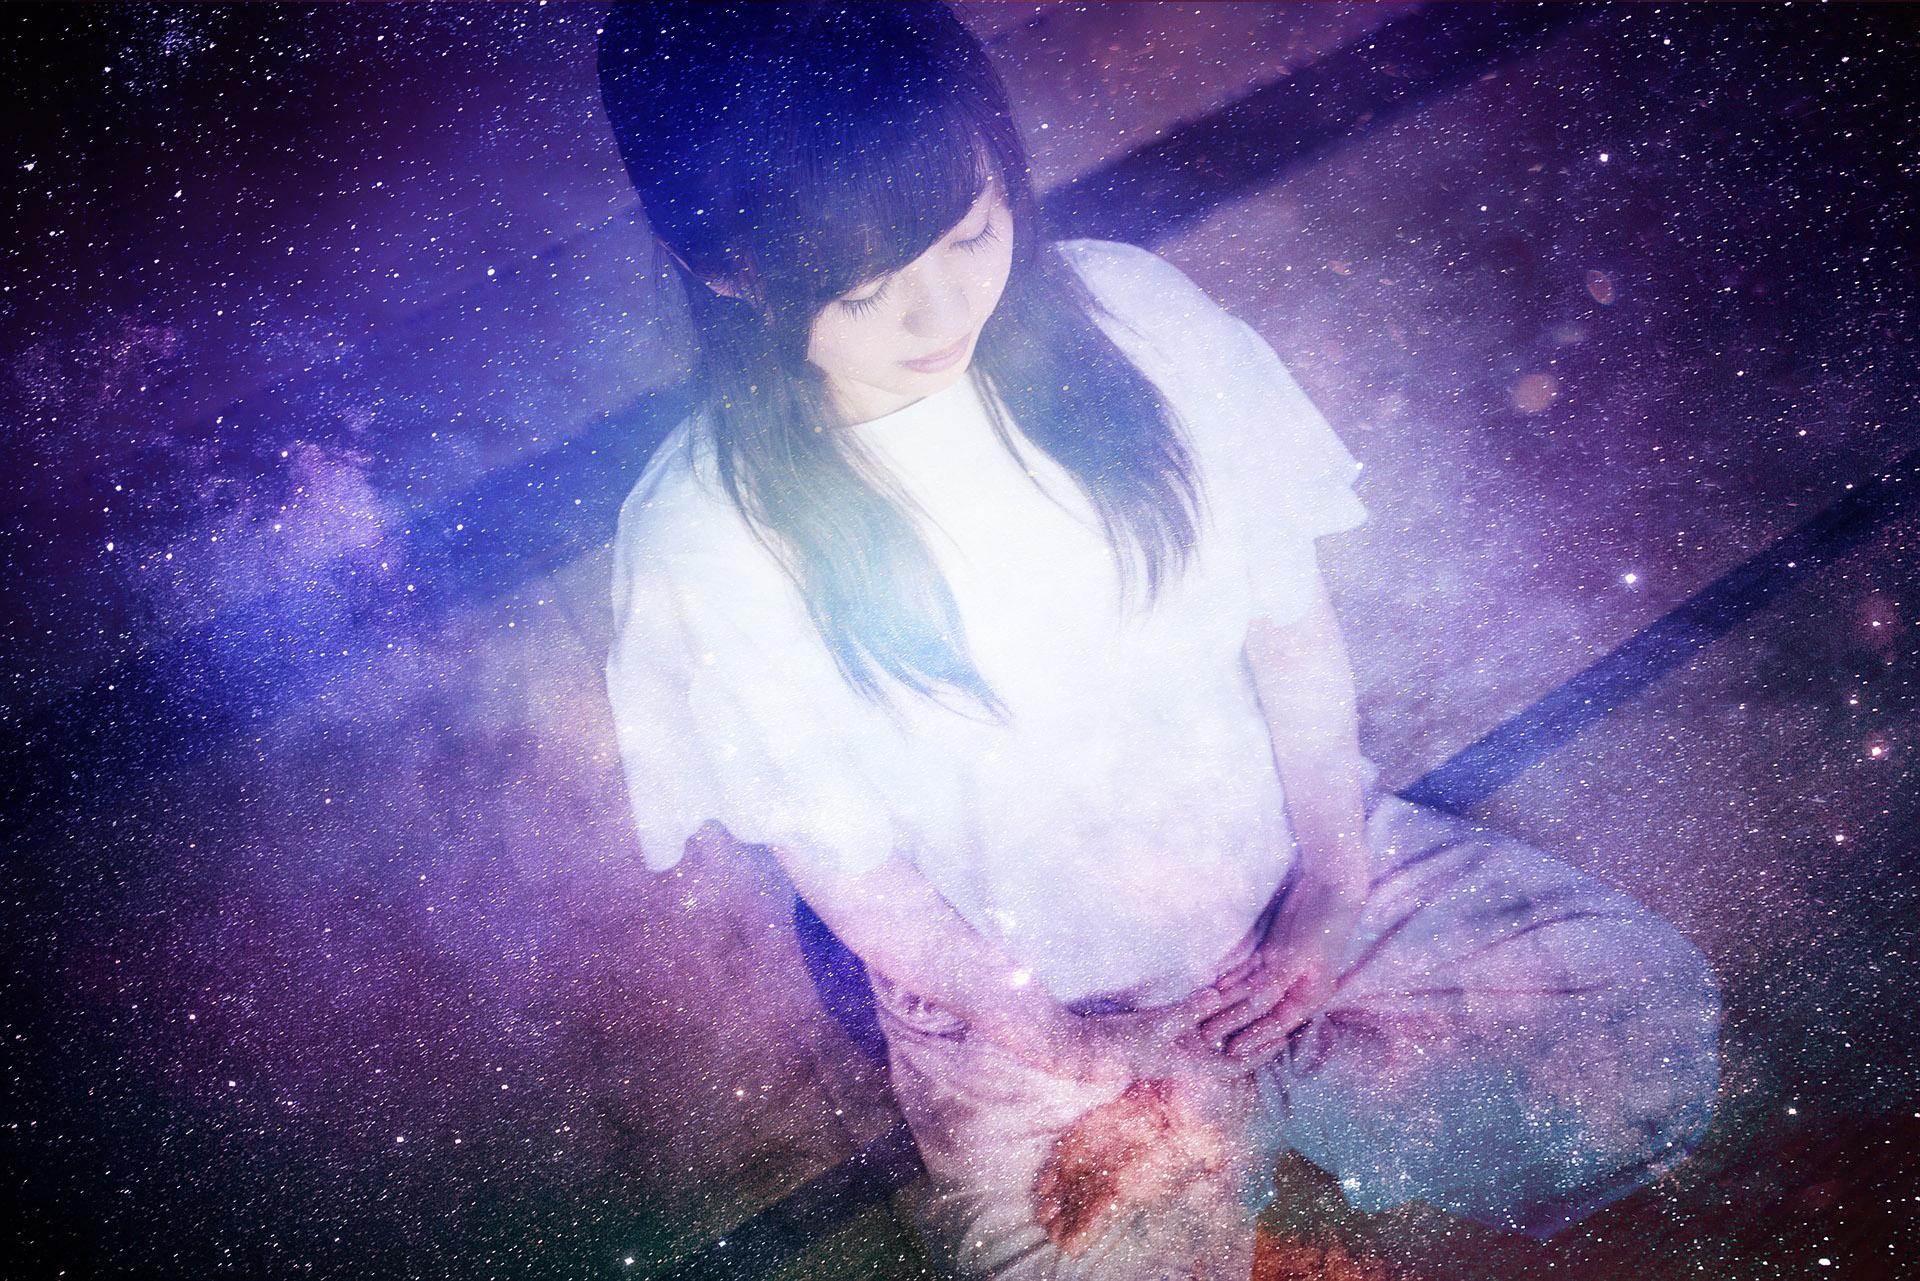 祈りと瞑想をする少女